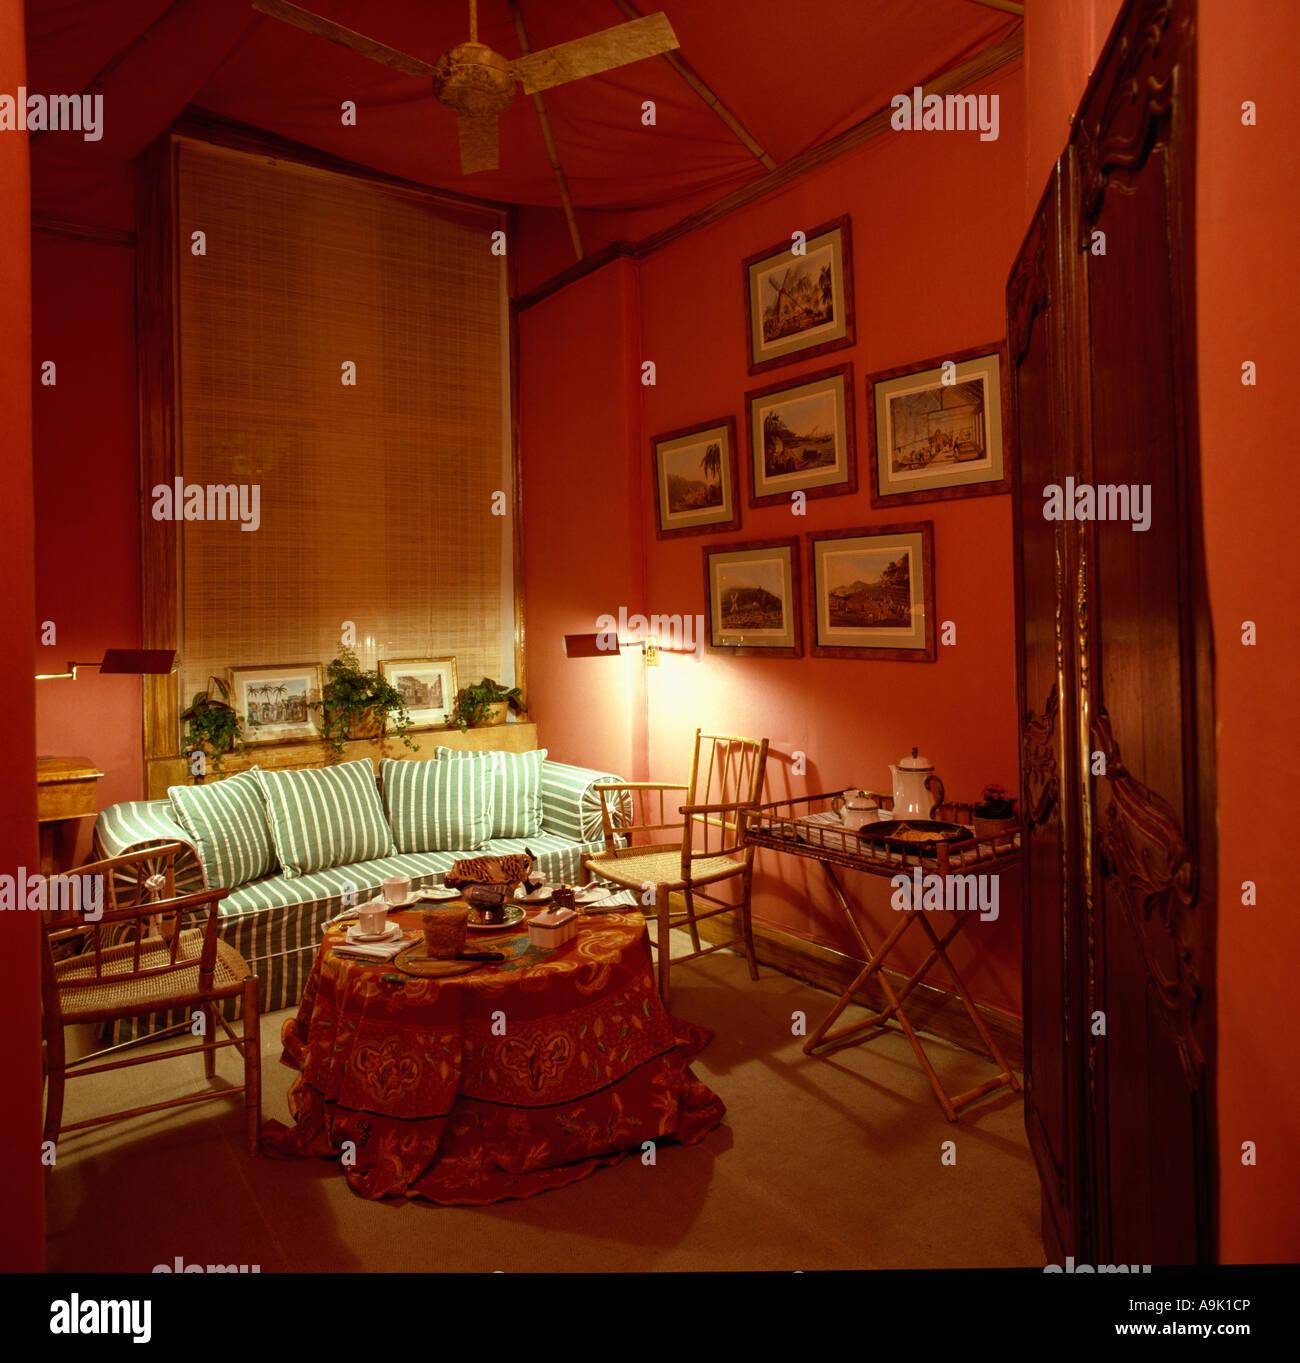 Grun Weiss Gestreiften Sofa Rot 80er Jahre Wohnzimmer Stockfoto Bild